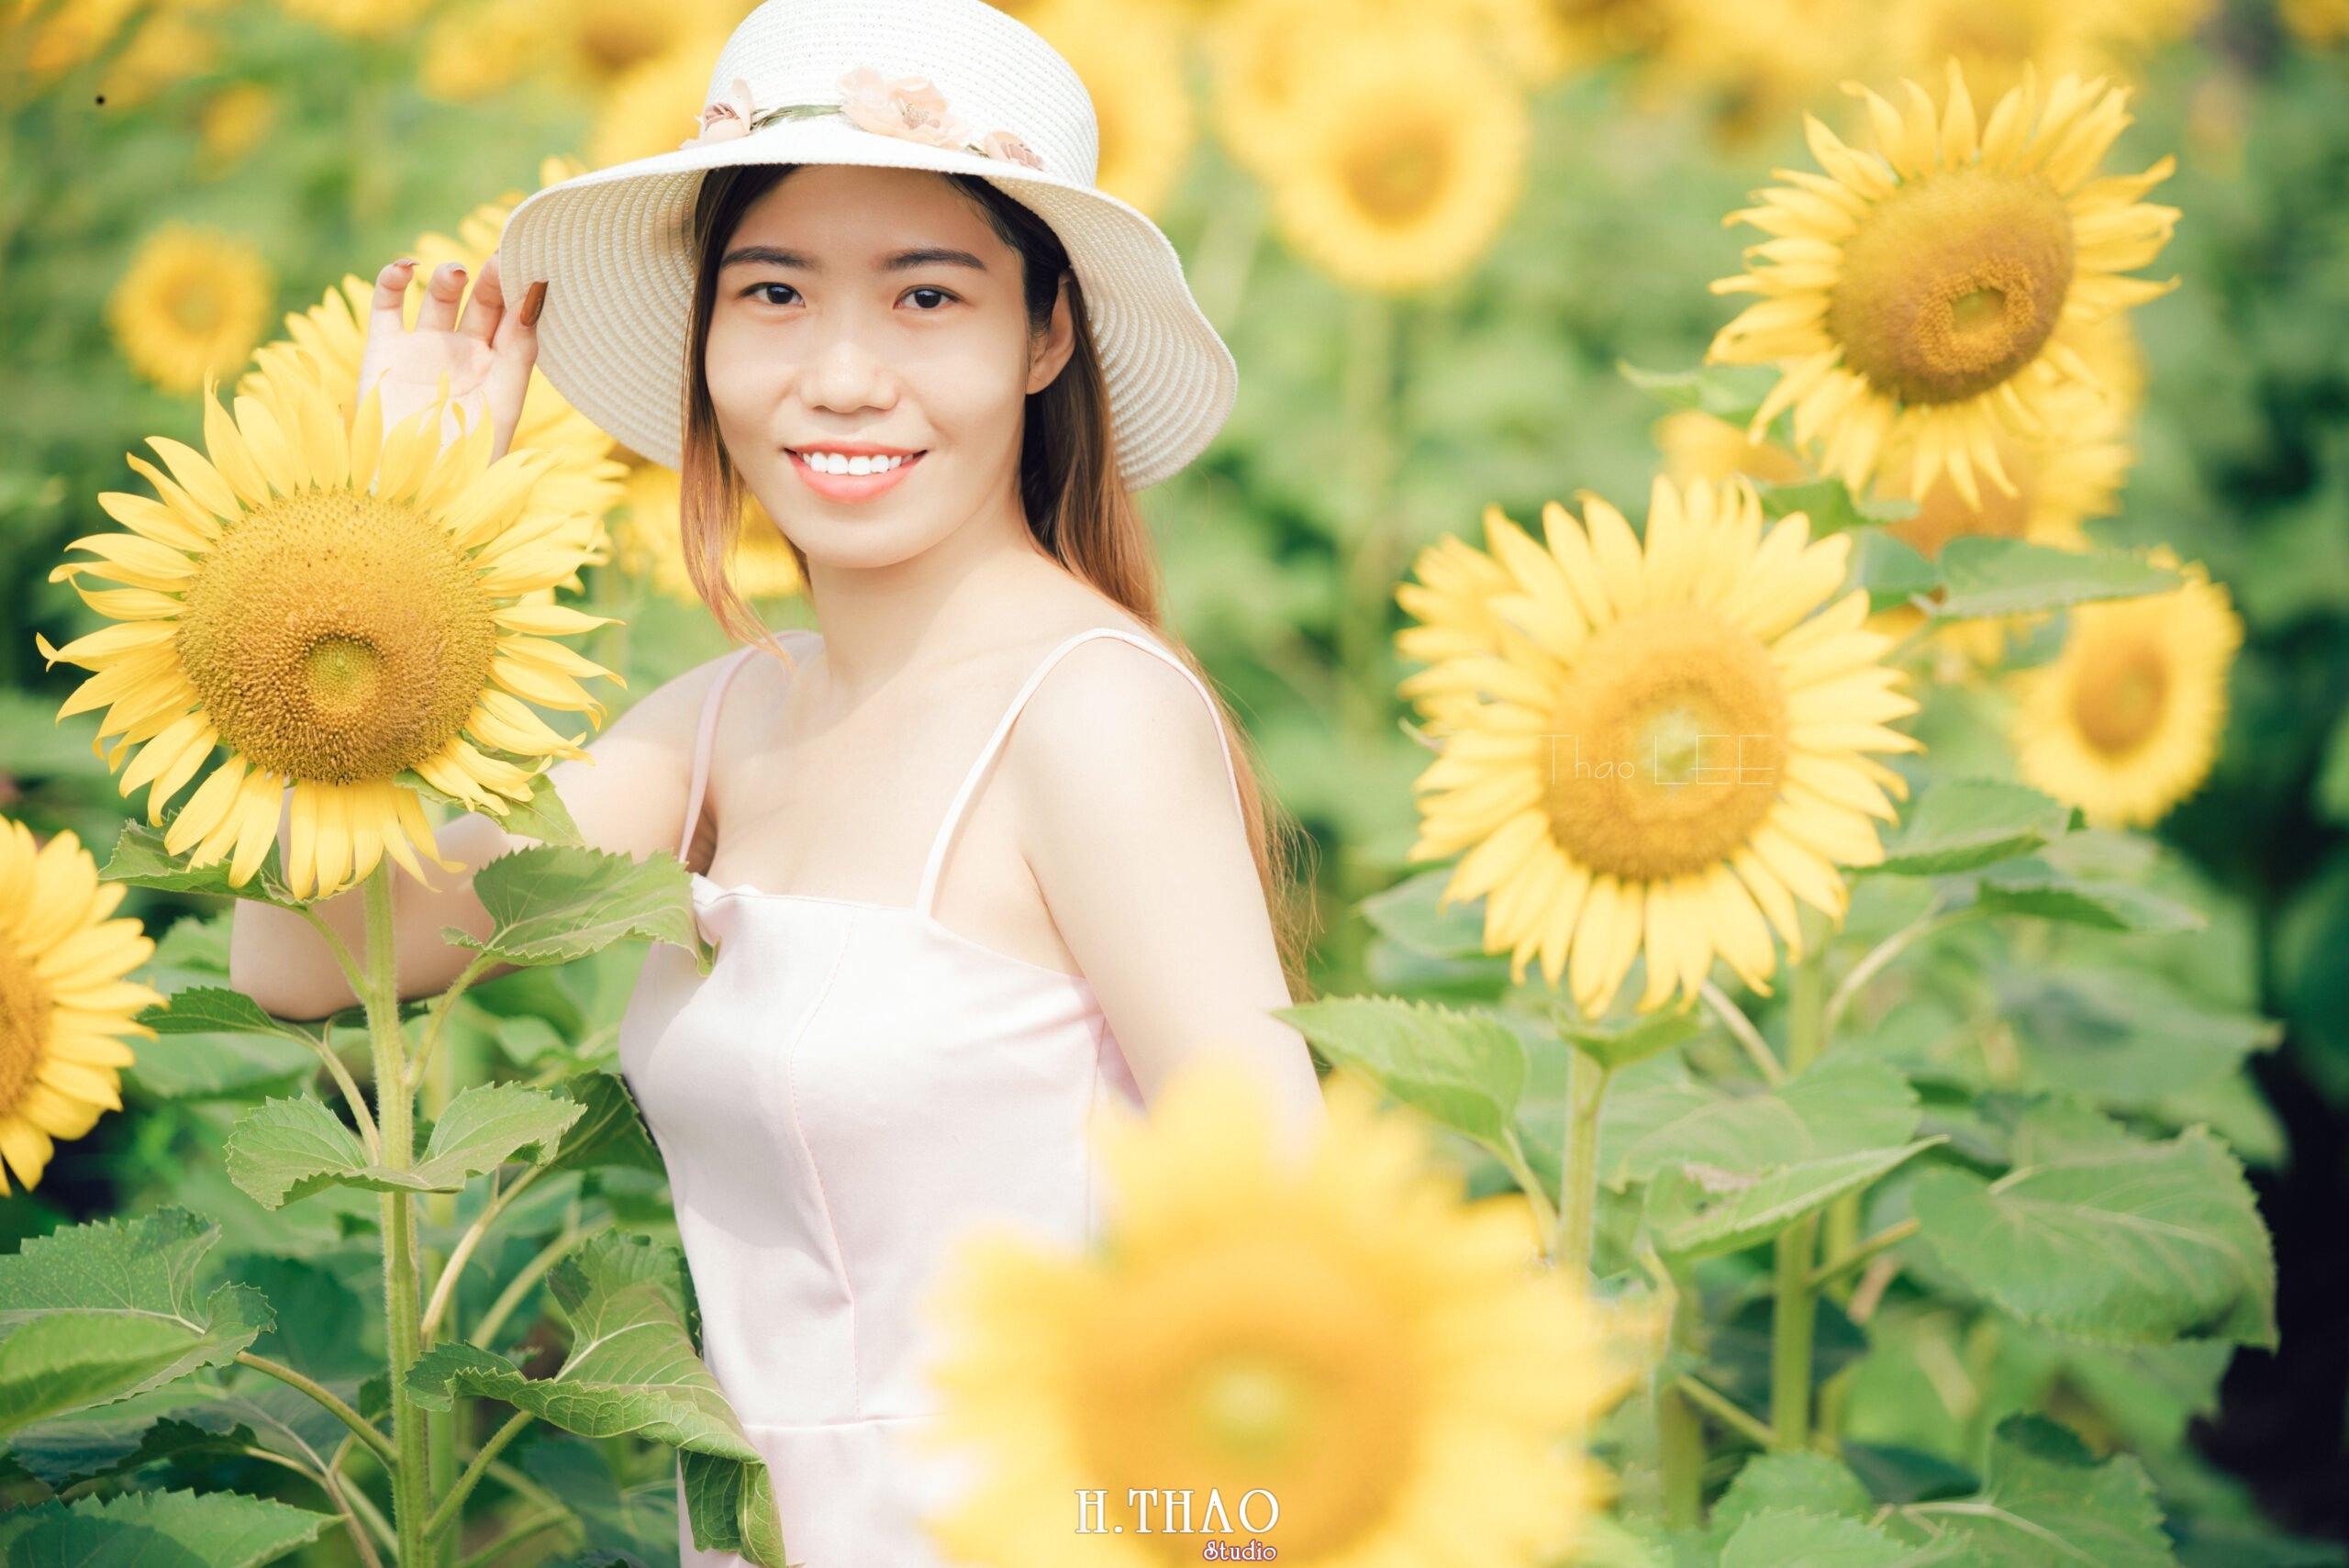 Anh be Mai 3 scaled - Chụp ảnh với hoa hướng dương tuyệt đẹp giữa lòng Sài Gòn